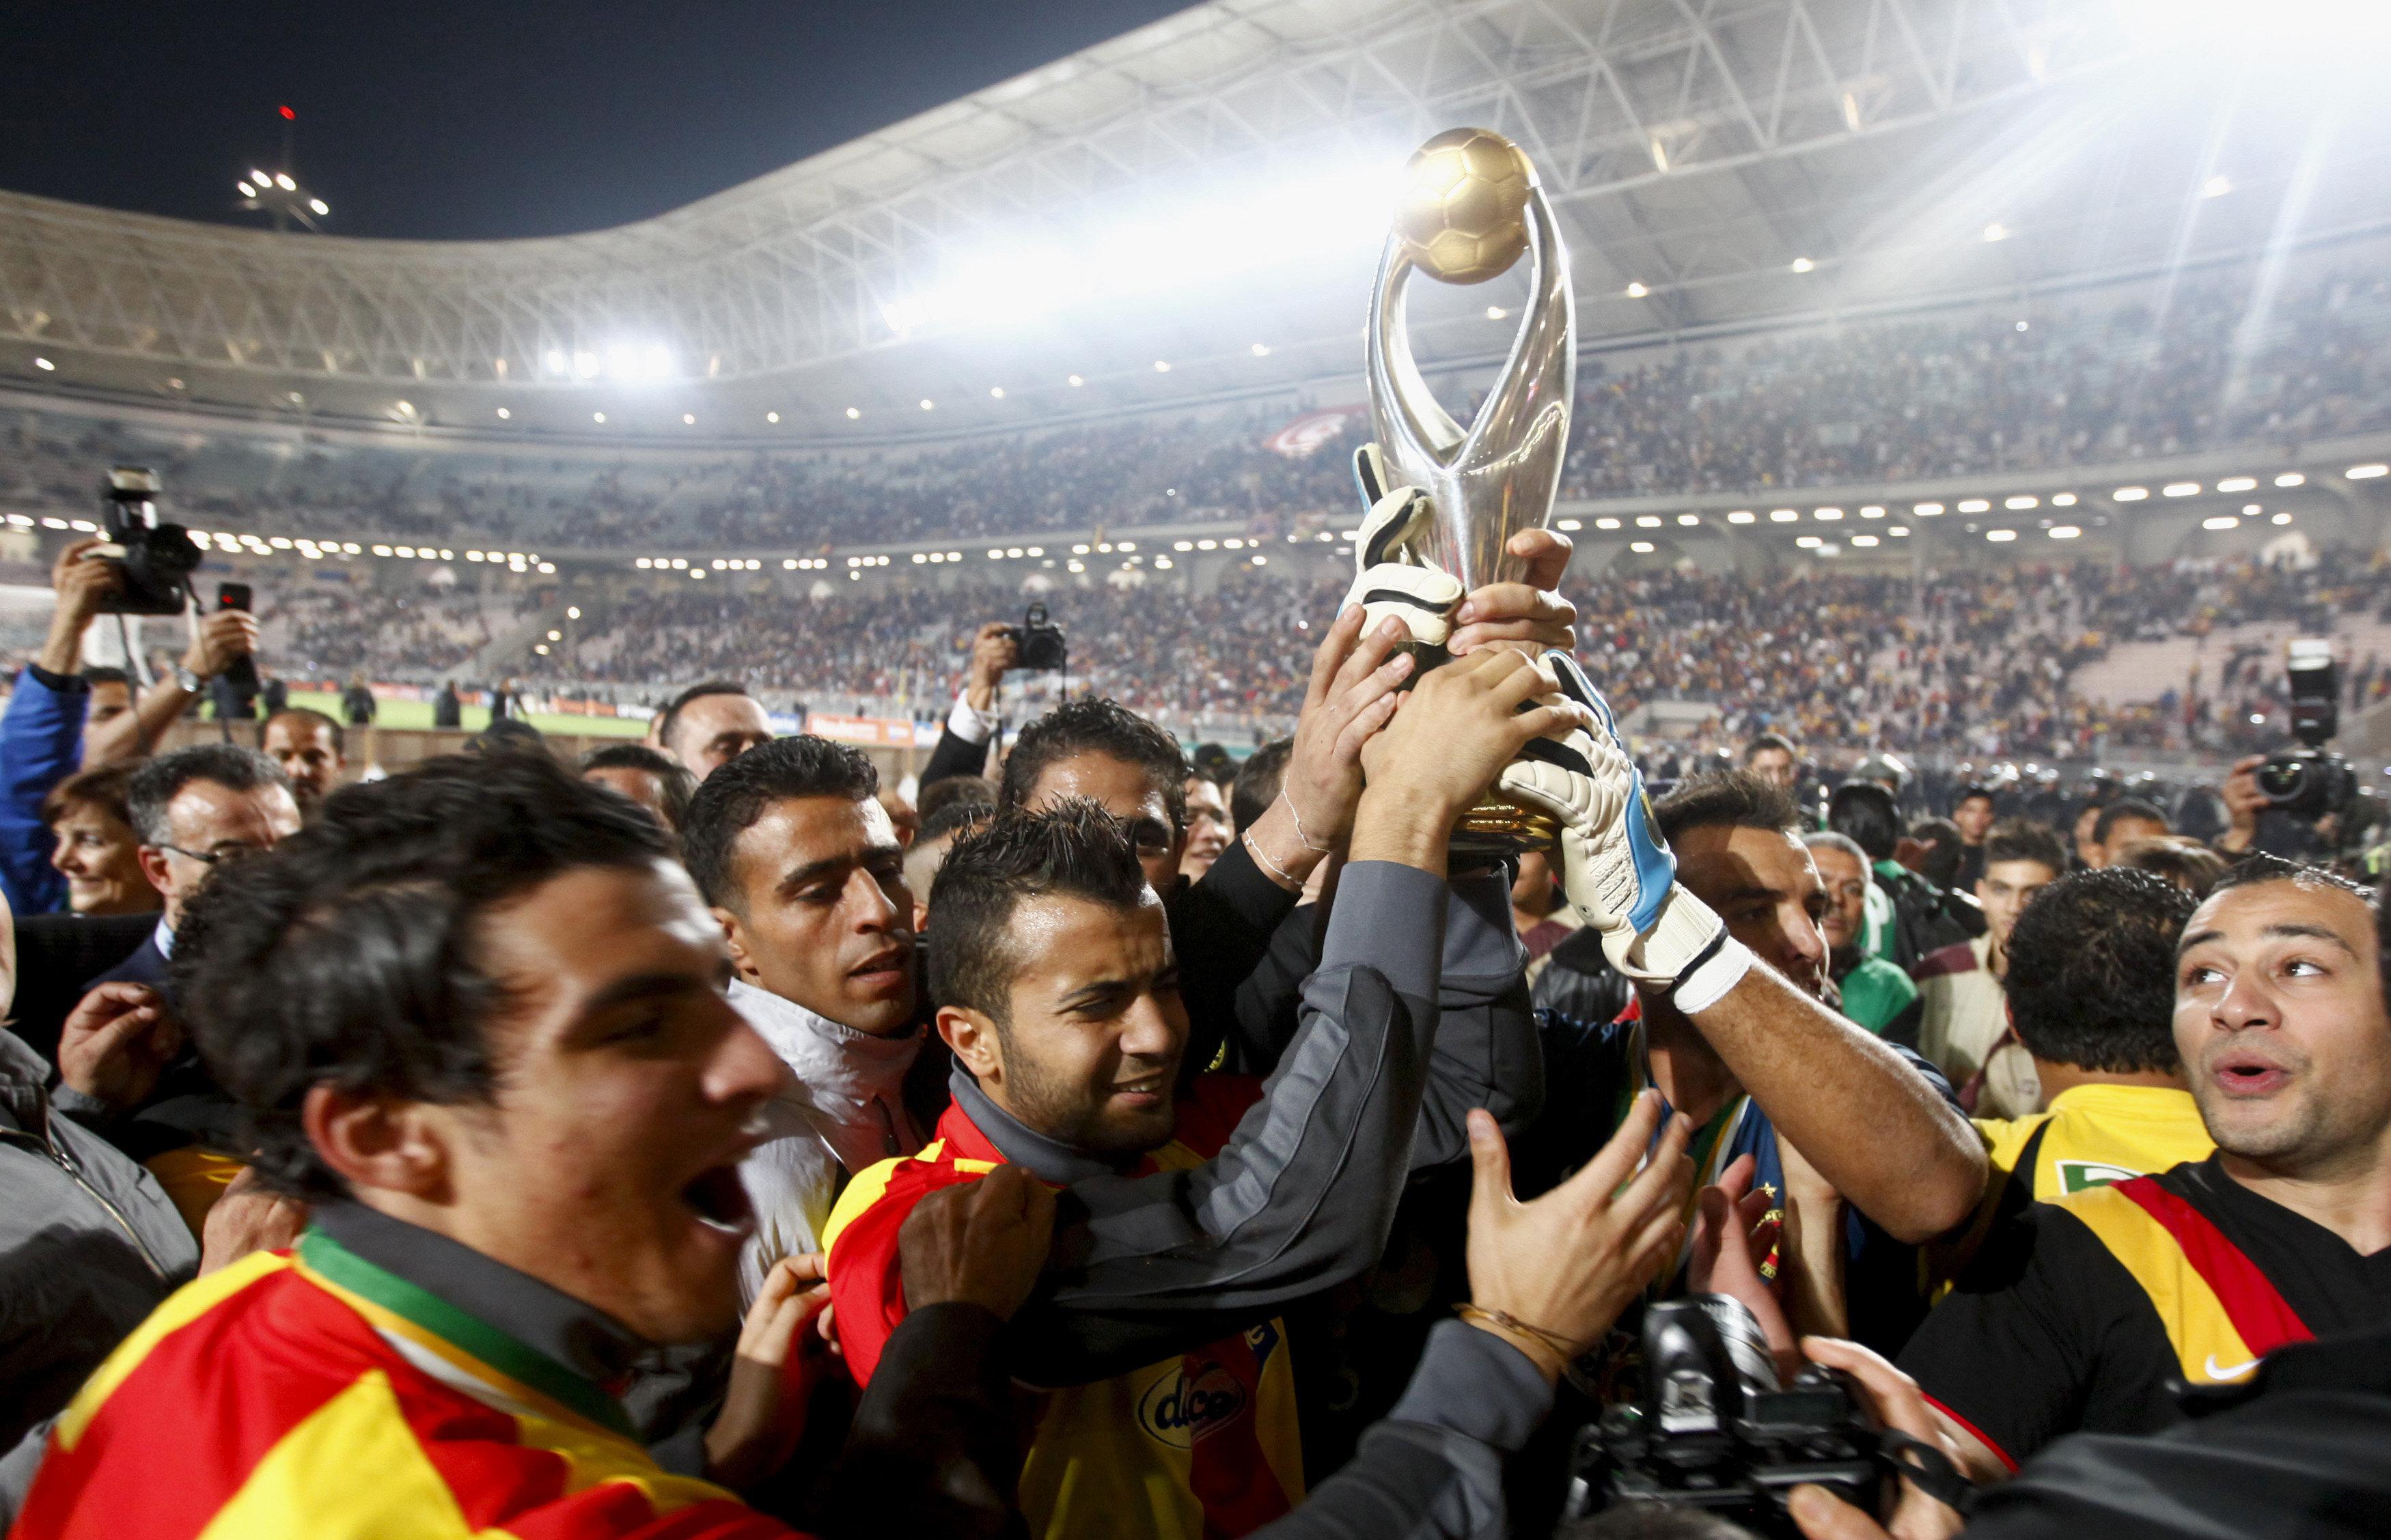 L'Espérance Sportive de Tunis se qualifie pour sa 7ème finale de la Ligue des champions africaine: Retour sur les 6 précédent...